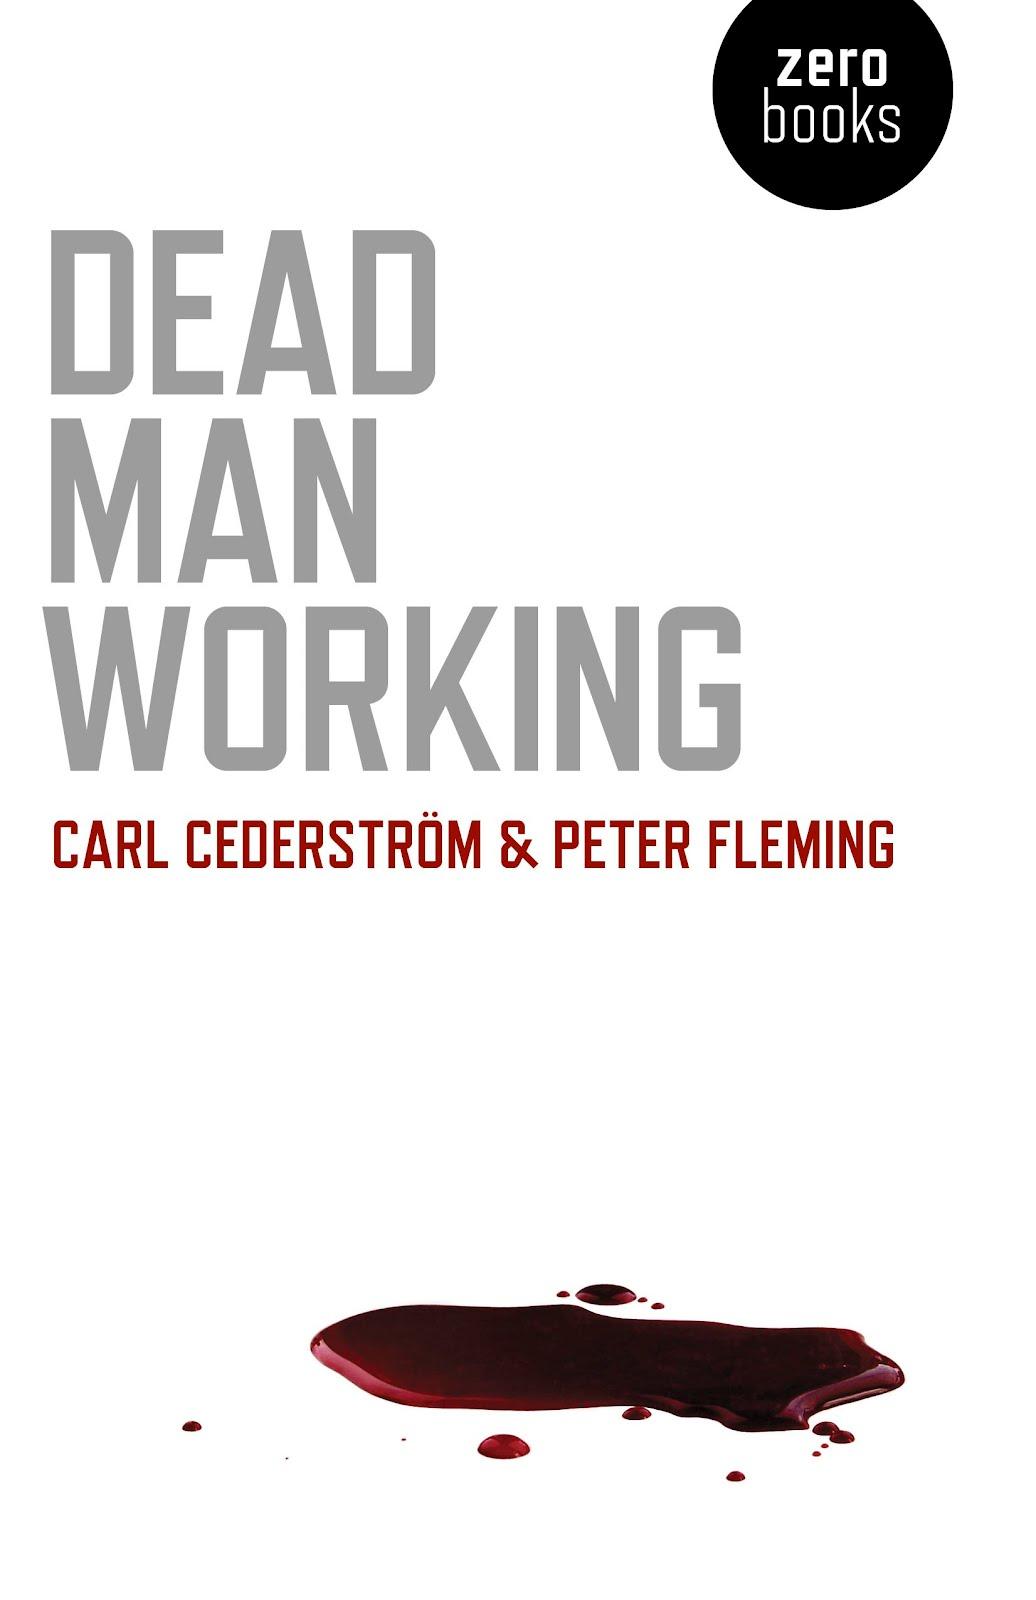 http://2.bp.blogspot.com/-xOcwLh6LOJk/UAkjBKEOncI/AAAAAAAAHvo/aw97uV1n8eE/s1600/CarlCederstrom_PeterFleming_DeadManWorking.jpg